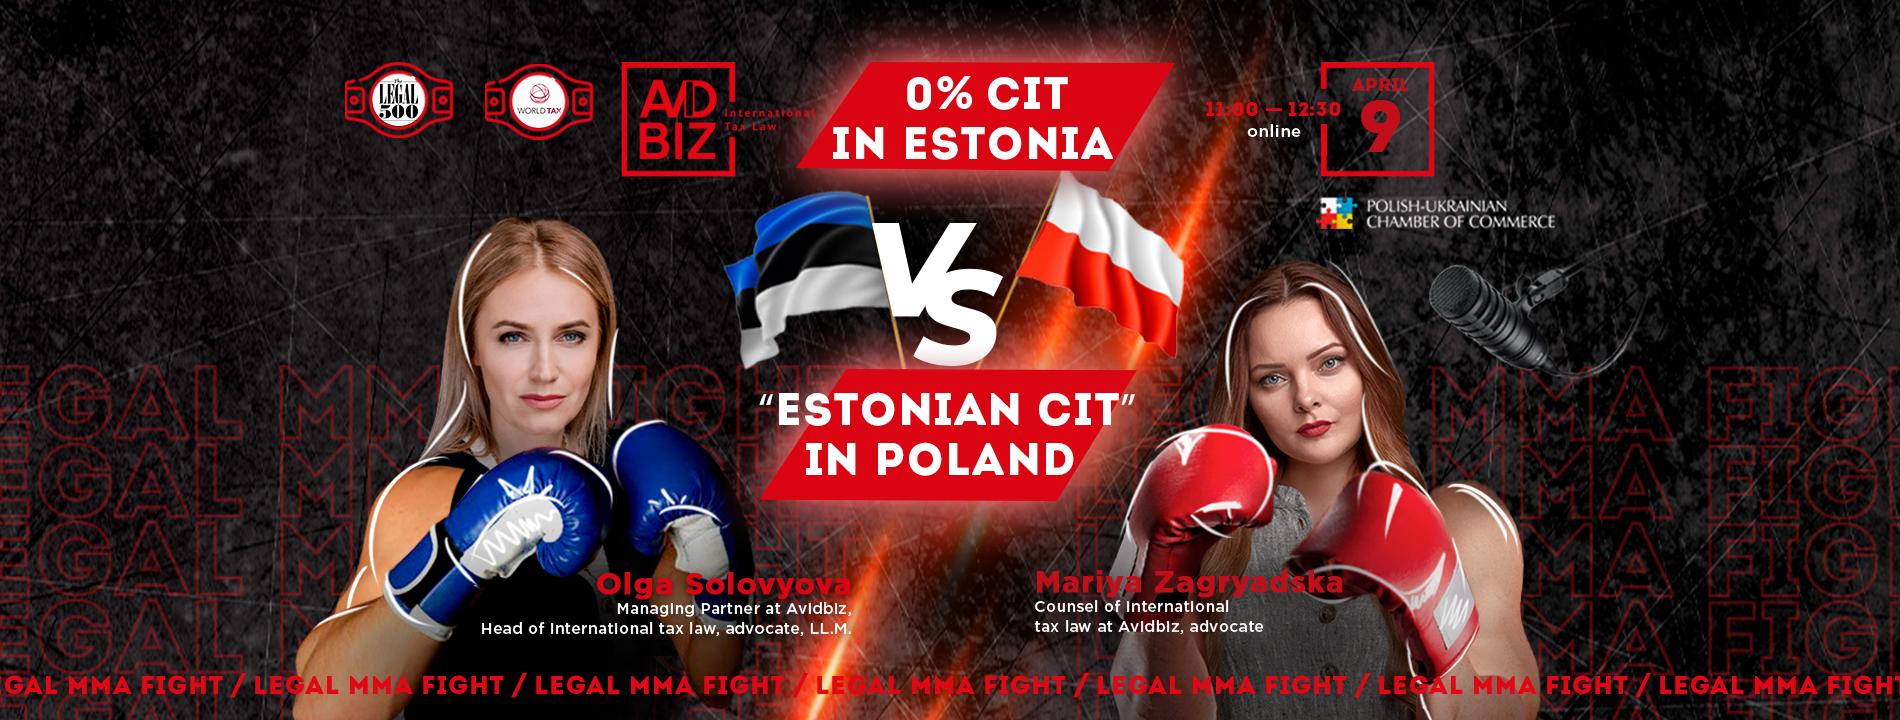 Legal MMA Fight: 0%  CIT in Estonia vs. «Estonian CIT» in Poland